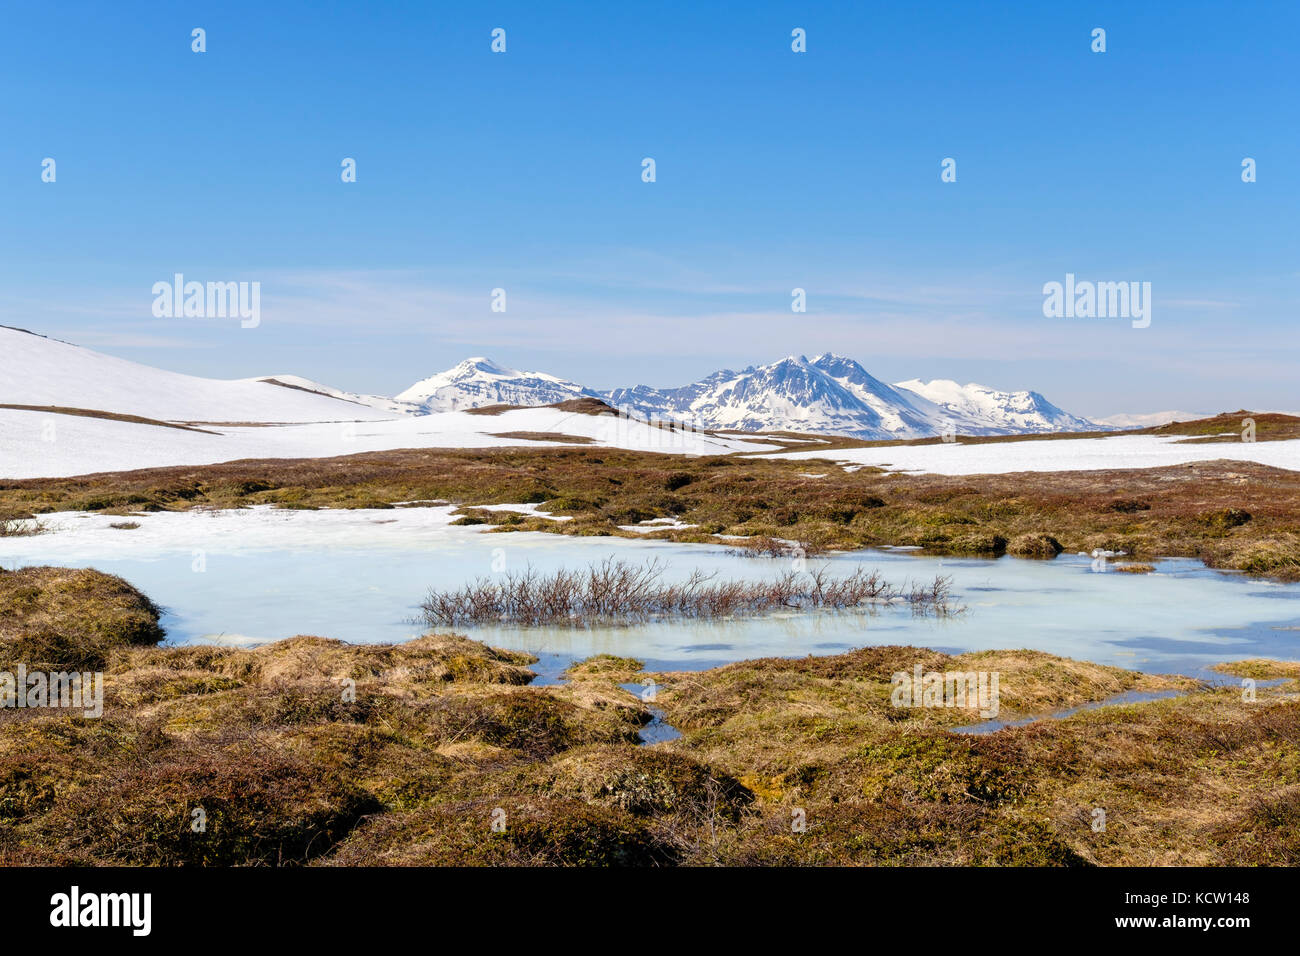 Estanque congelado en el Ártico alto paisaje de tundra en el monte Storsteinen en verano. Tromso, Troms, Noruega, Escandinavia Foto de stock